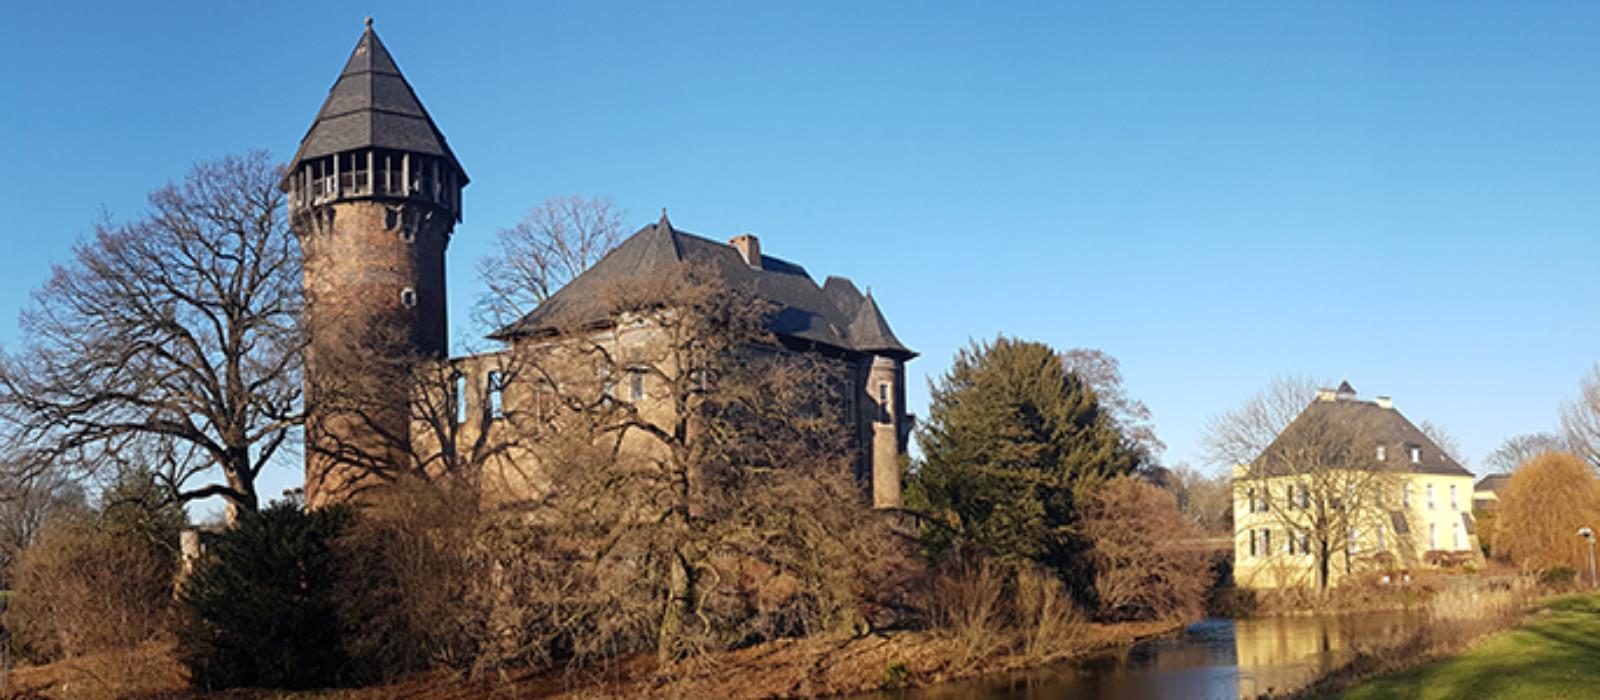 Aussenansicht Burg Inn